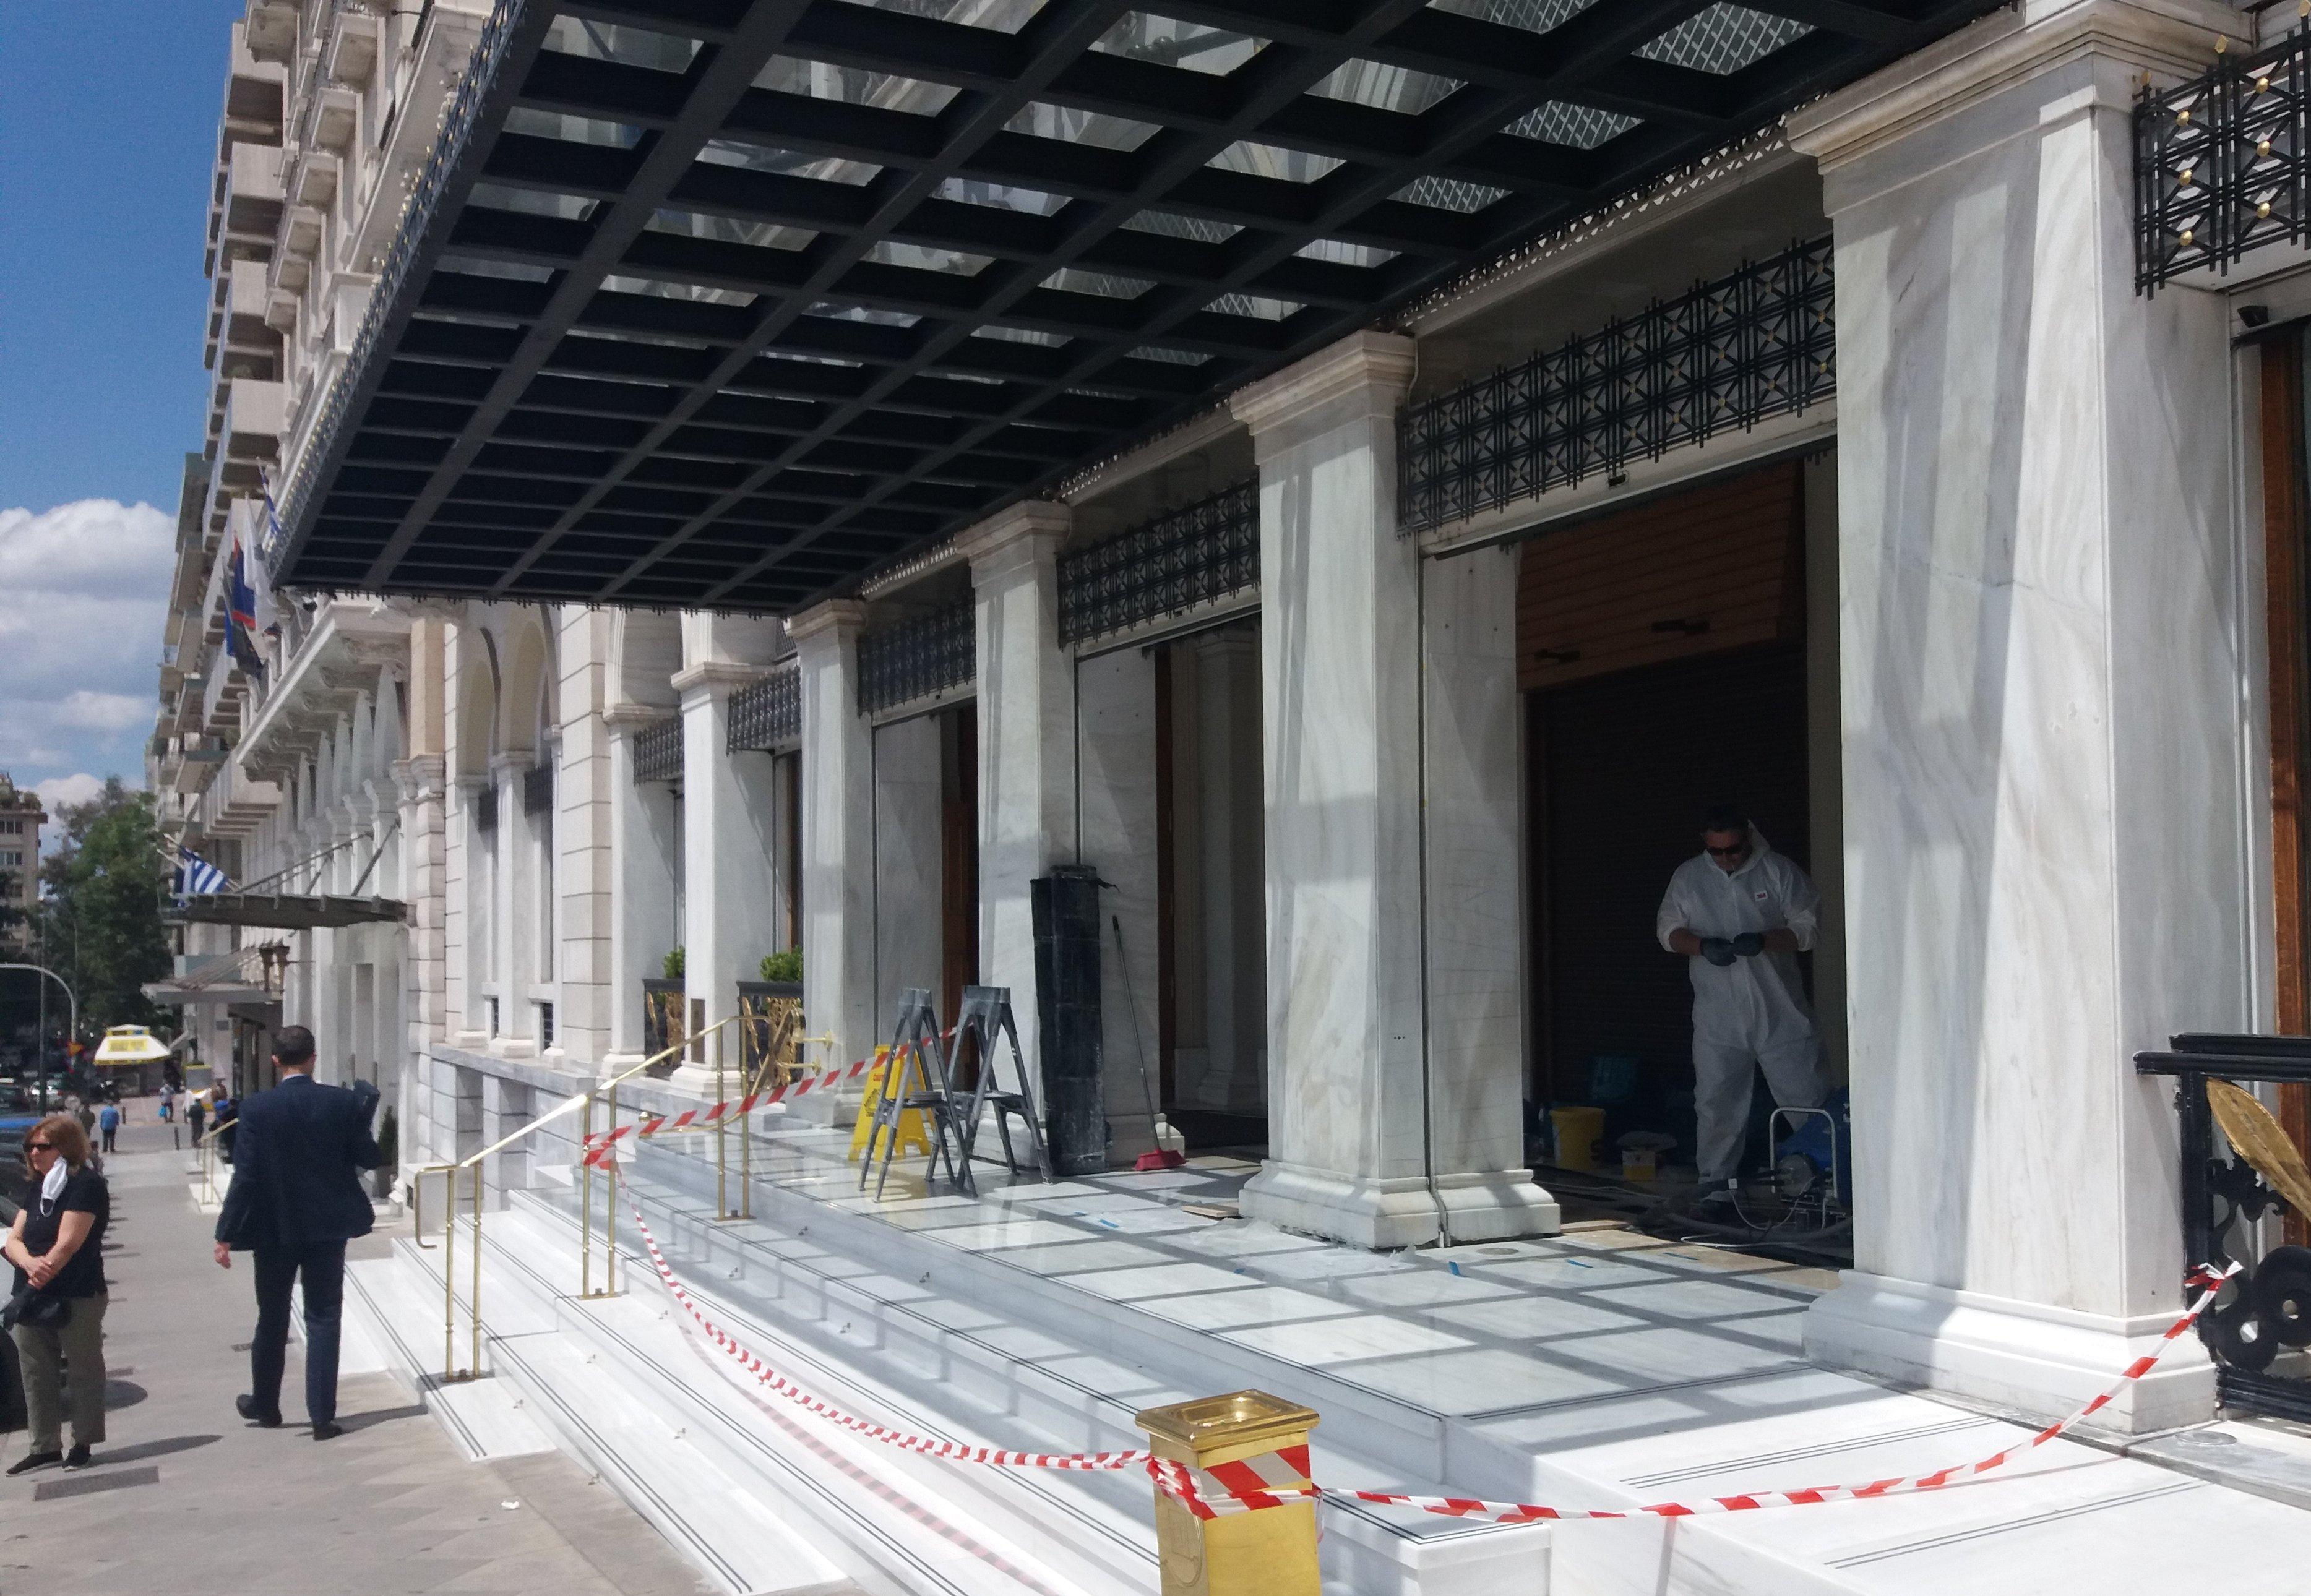 Operarios puliendo el mármol de la entrada del hotel grande Bretagne en la Plaza de la Constitución de Atenas